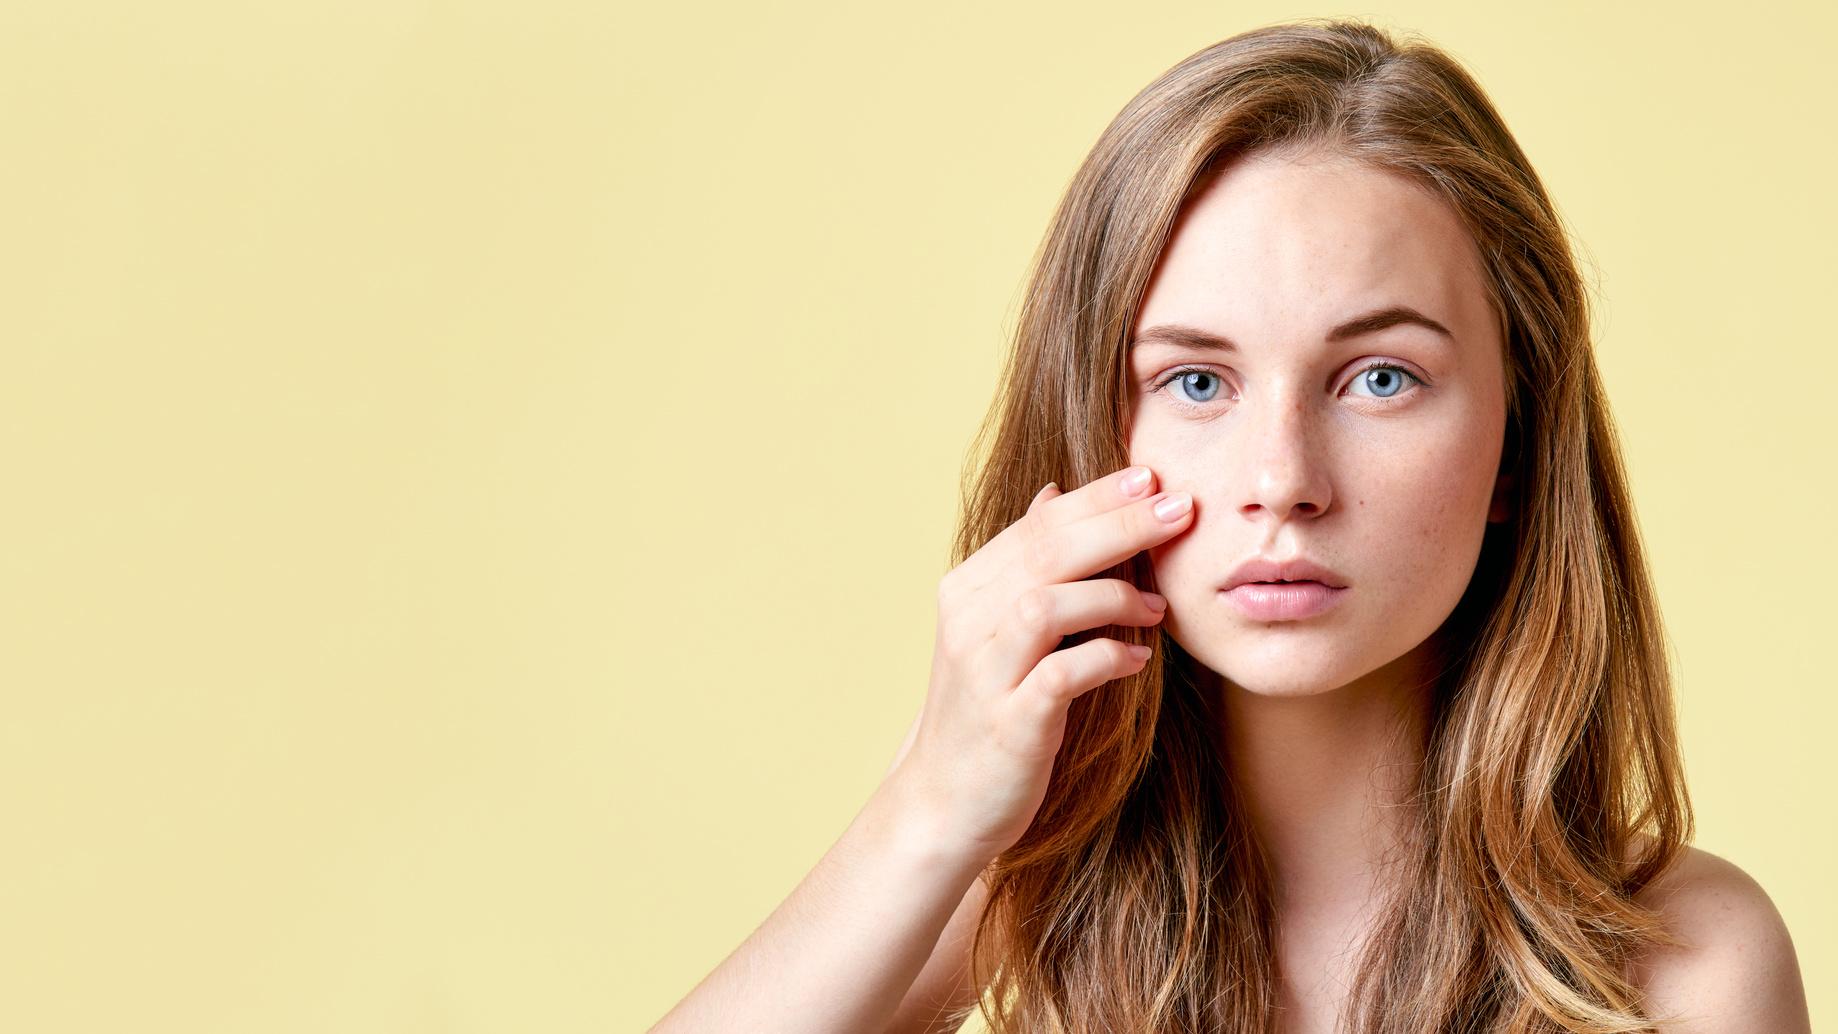 Czy osoby chore mogą korzystać z zabiegów medycyny estetycznej?